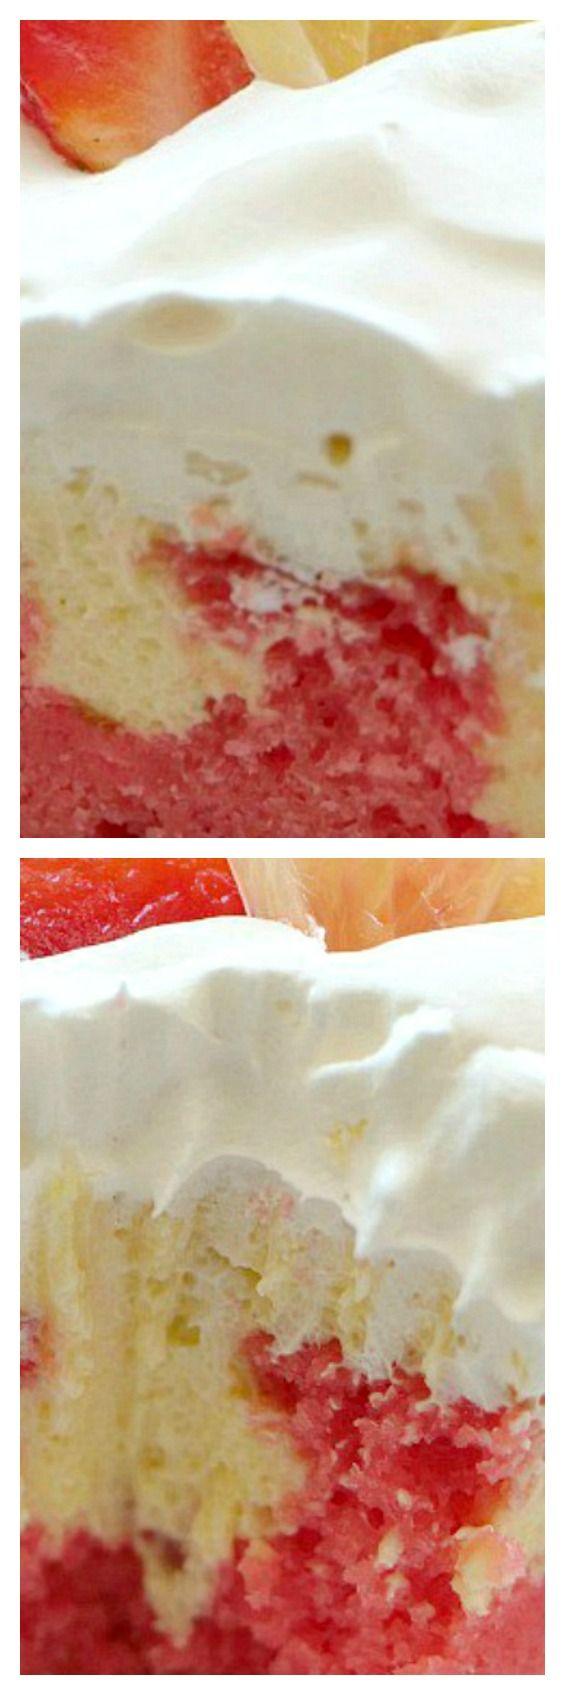 Strawberry Lemonade Cream Cheese Poke Cake